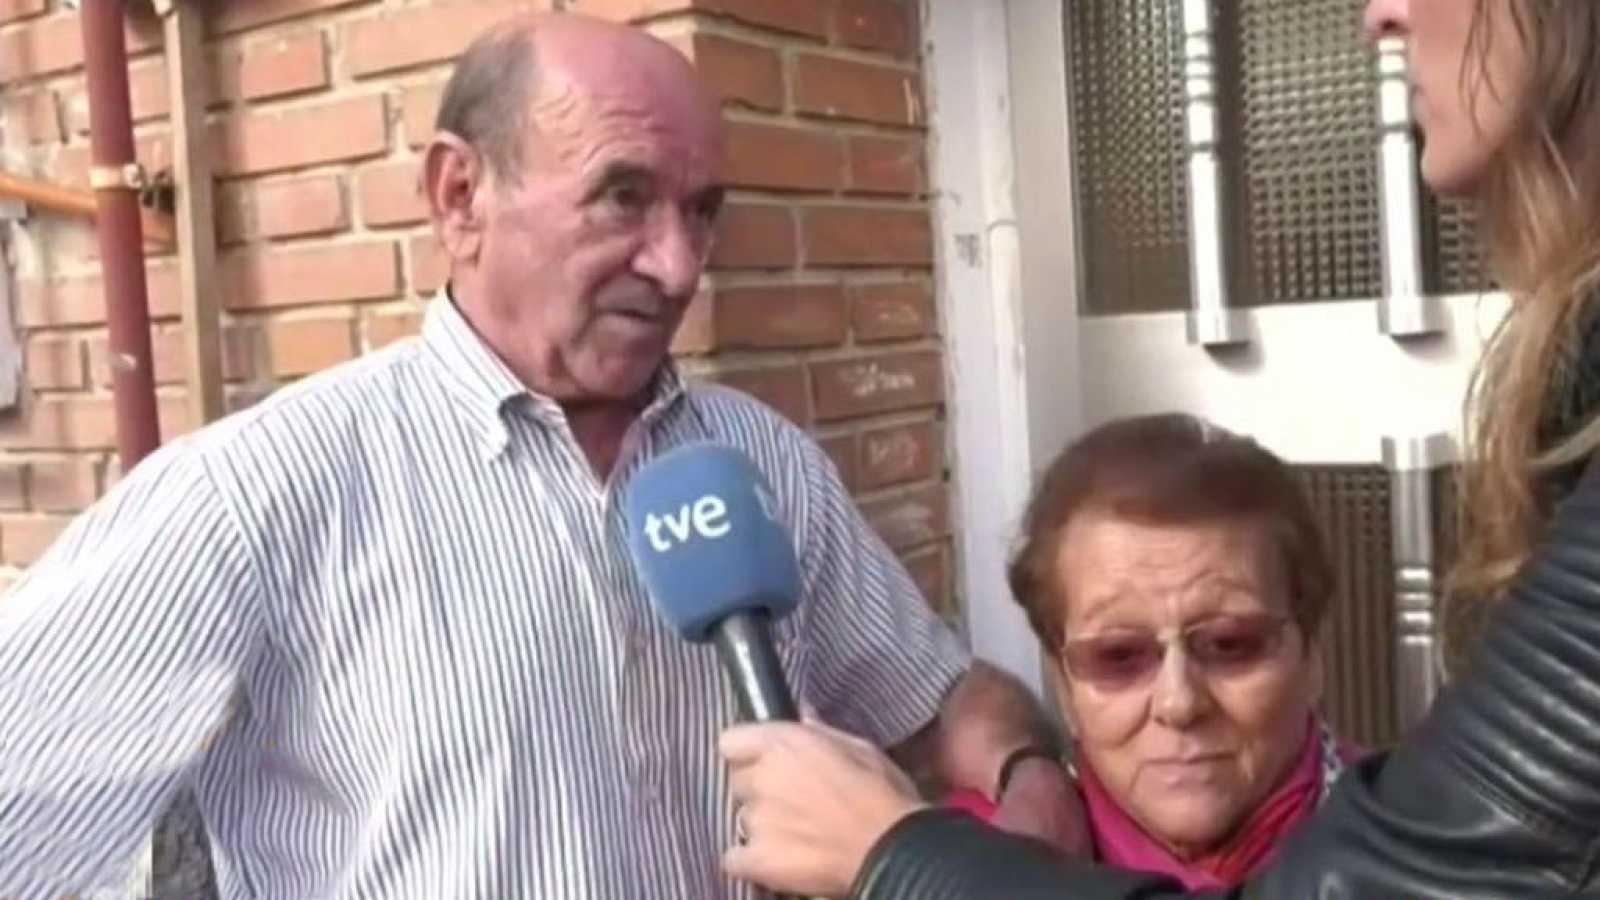 La mañana - Un matrimonio de 76 años consigue frenar su cuarto intento de desahucio